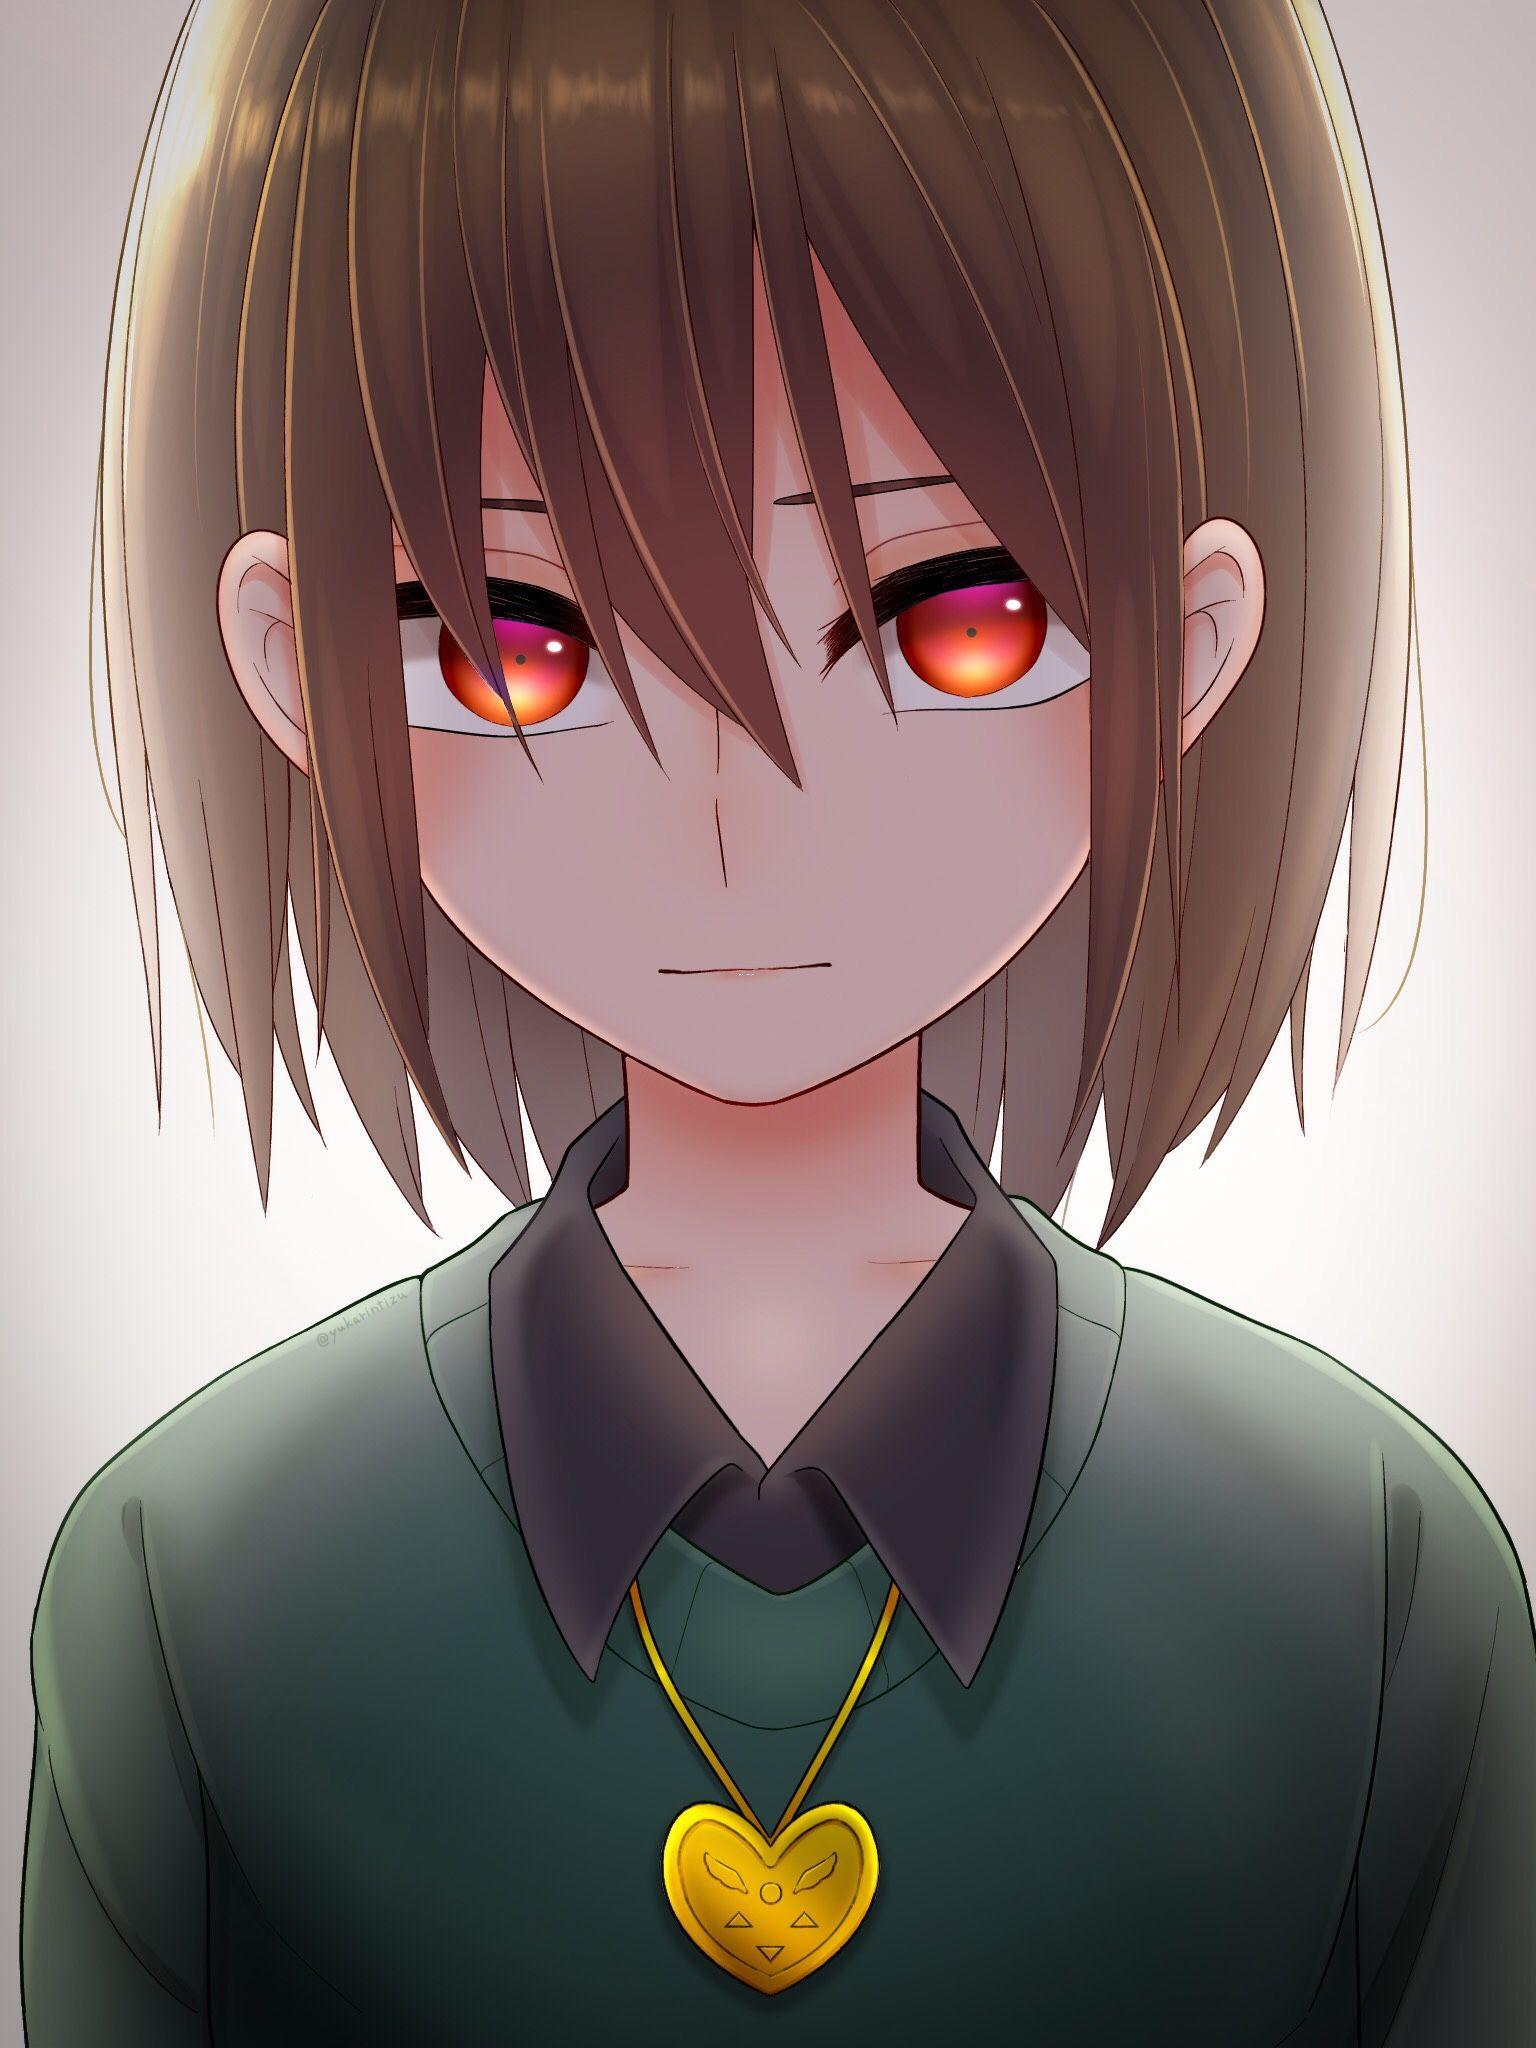 Pin by UndertaleFan92 on Undertale Anime undertale